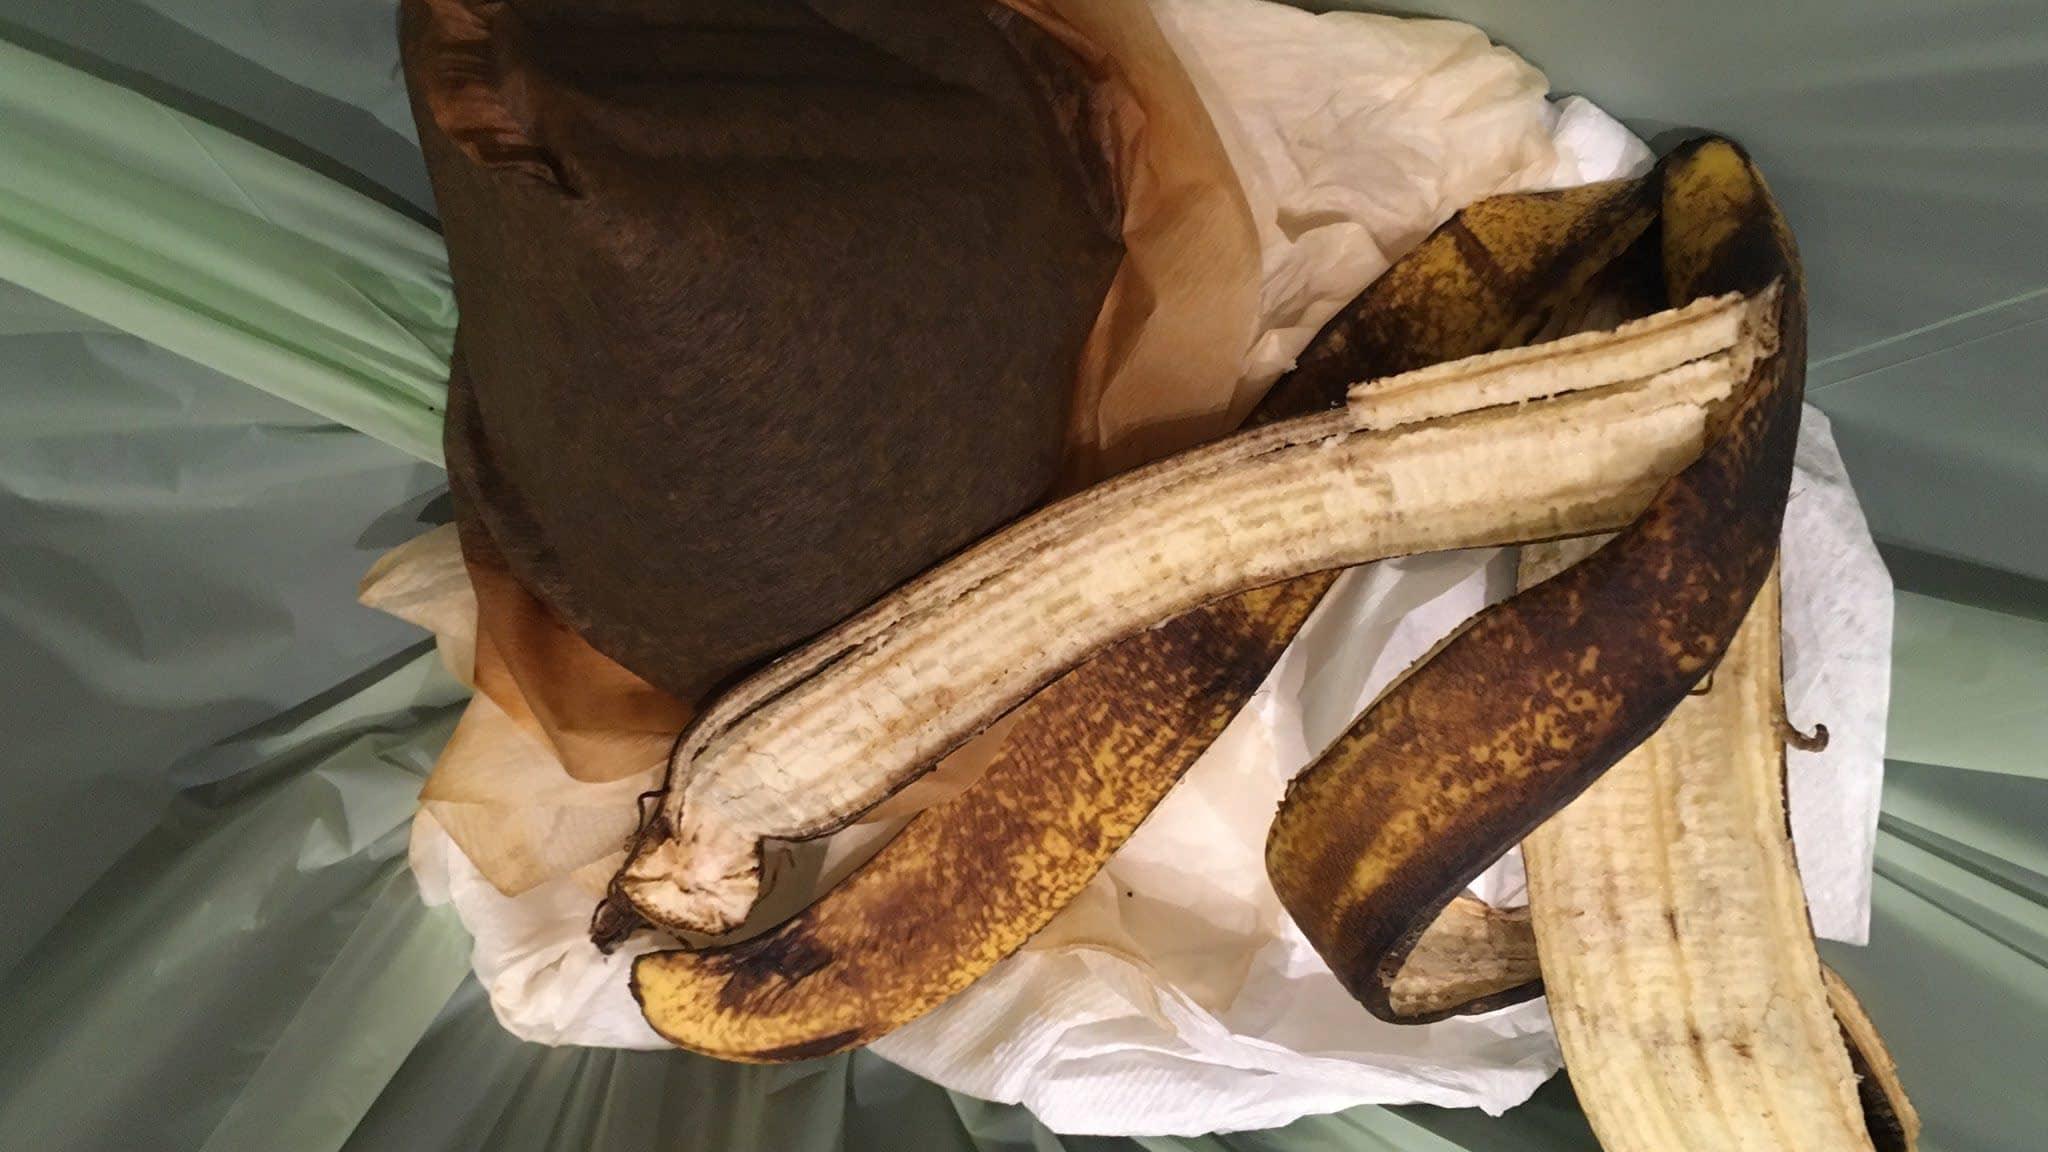 Tyypillistä biojätettä: kahvisuodatin ja banaaninkuori